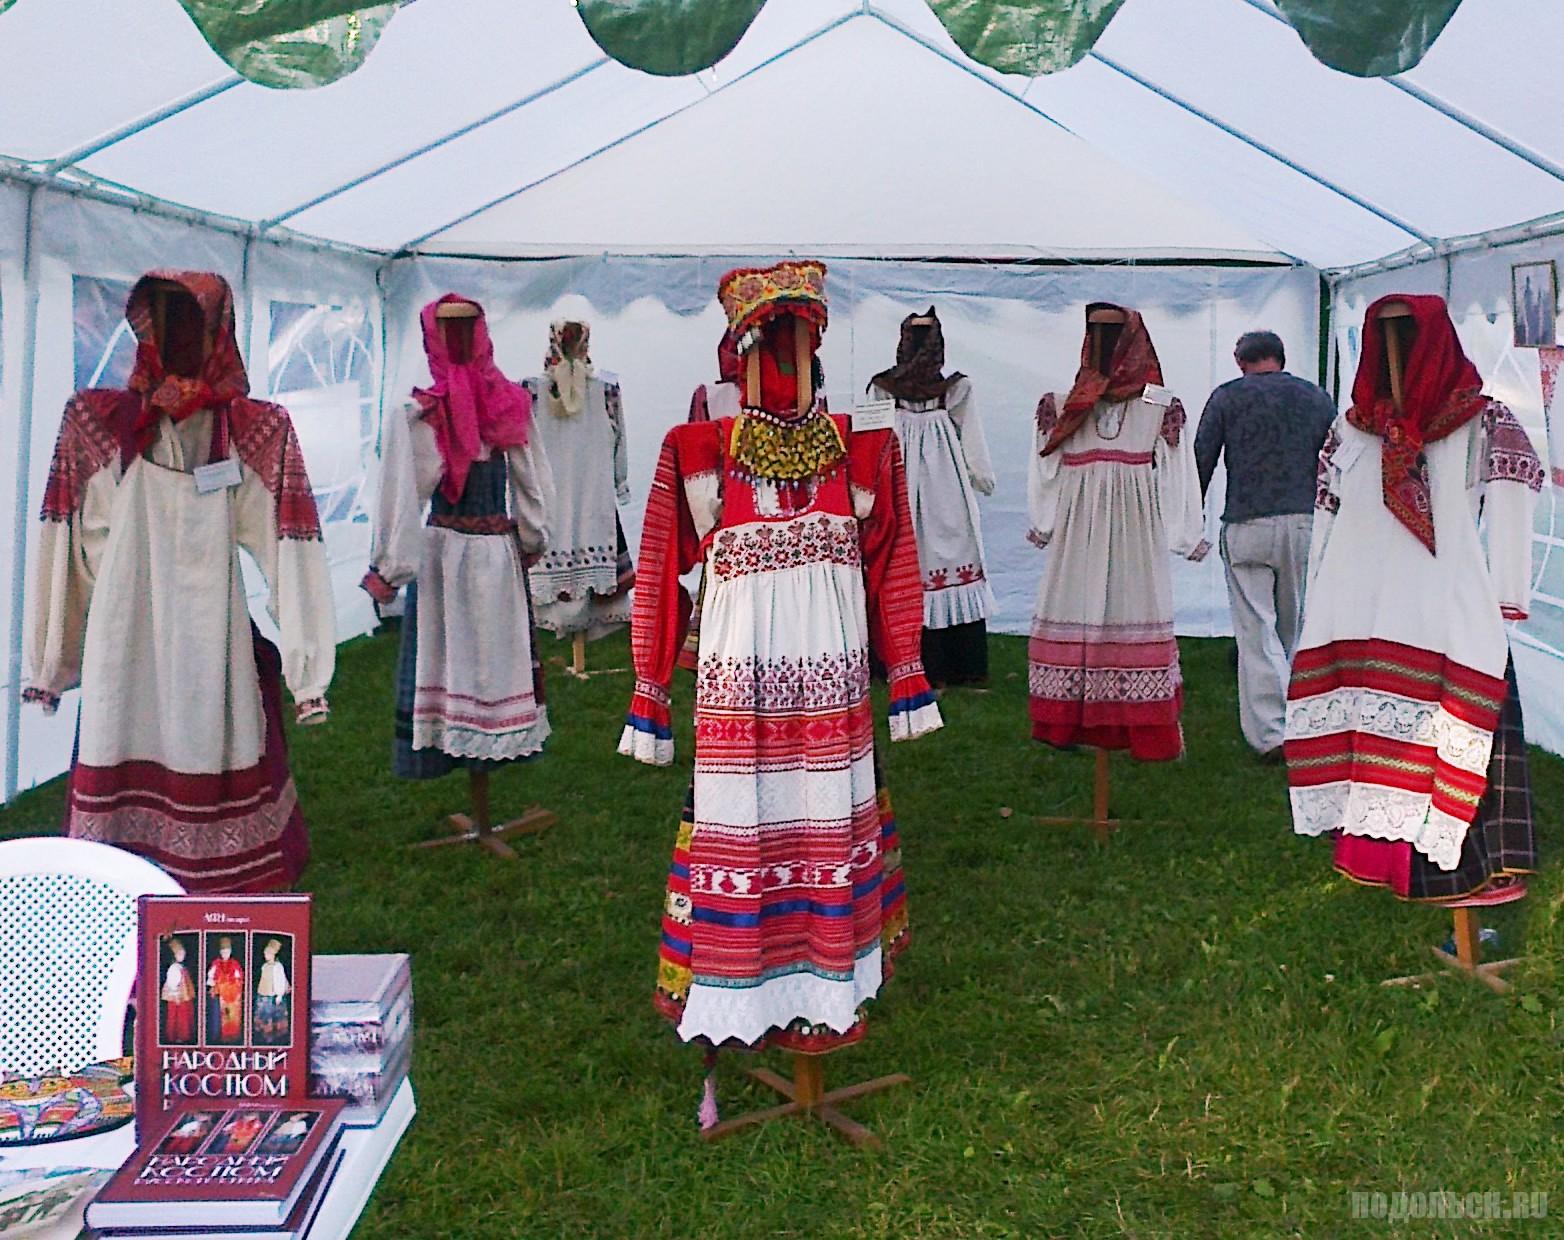 Открытый фестиваль народного творчества «Славянское подворье». 30.08.14.